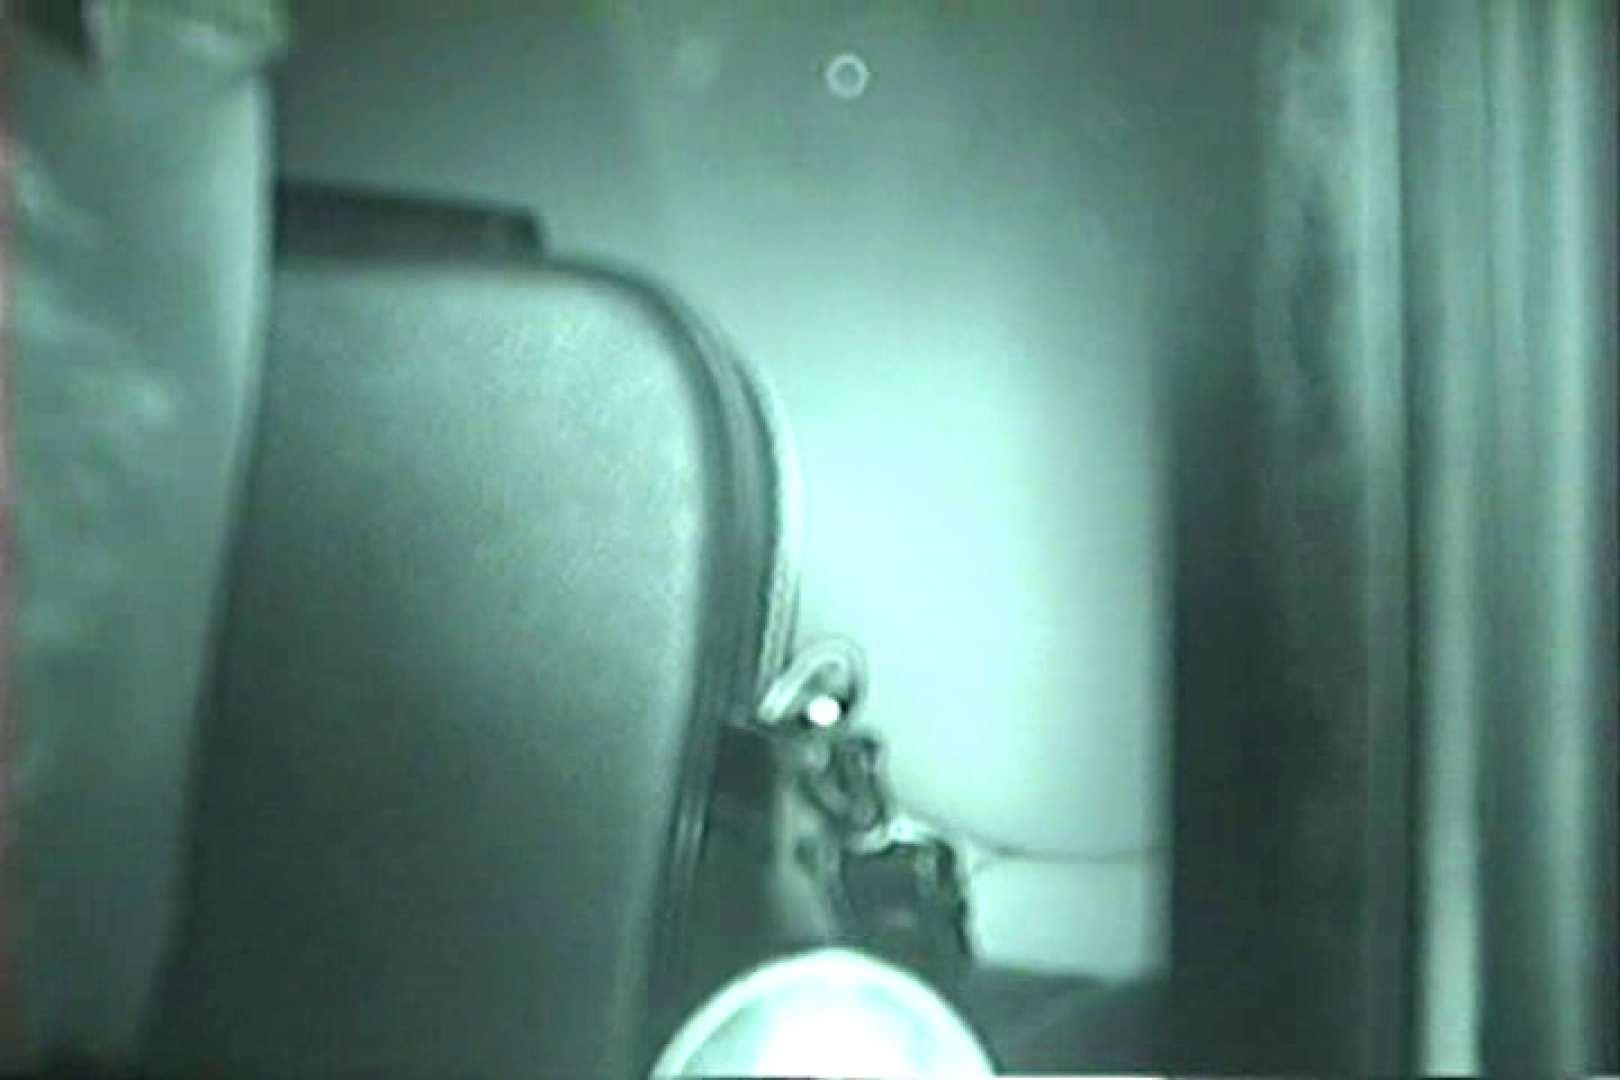 車の中はラブホテル 無修正版  Vol.23 エロティックなOL おまんこ無修正動画無料 81画像 65